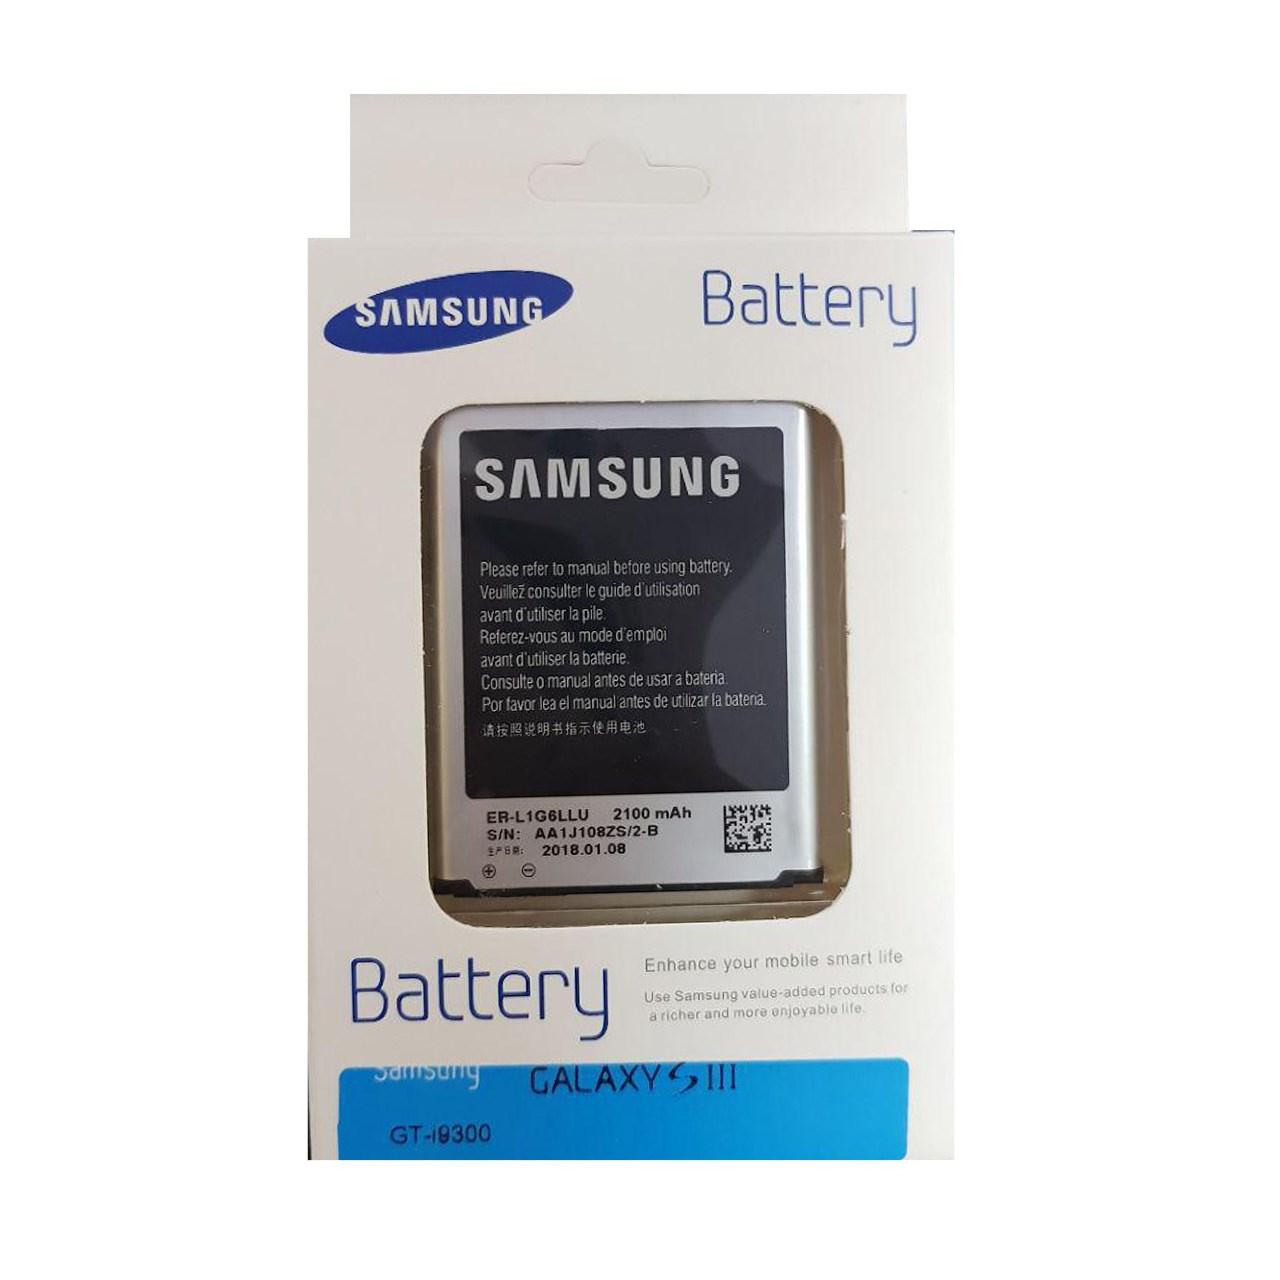 باتری موبایل سامسونگ مدل EB-L1G6LLU مناسب برای گوشی موبایل GALAXY S3